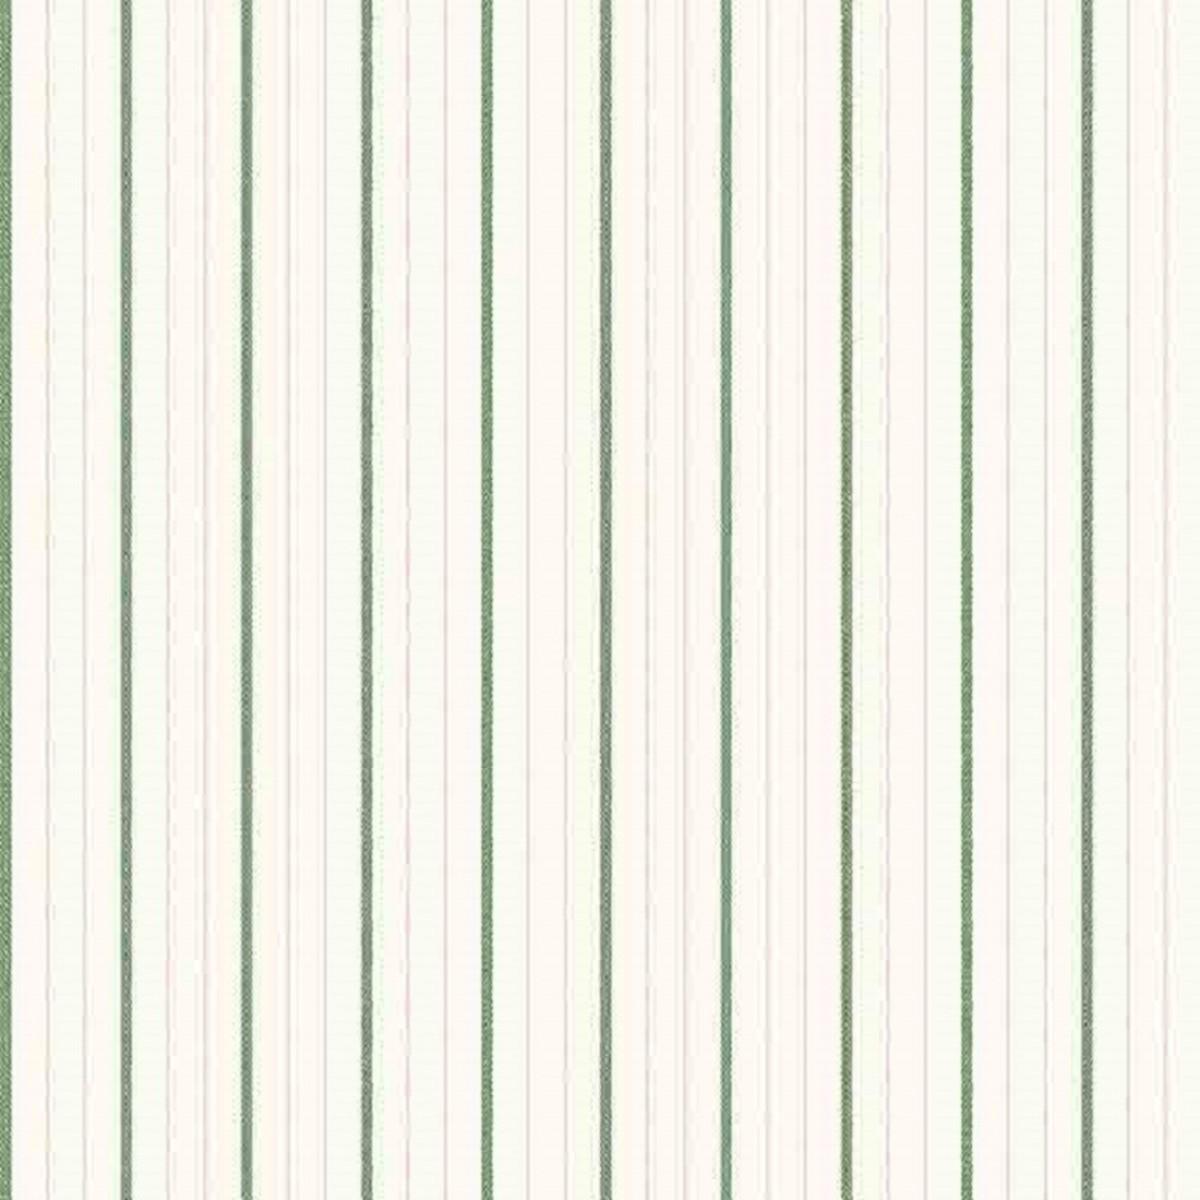 Виниловые обои Paper Partnership зеленые WP0091003 0.52 м